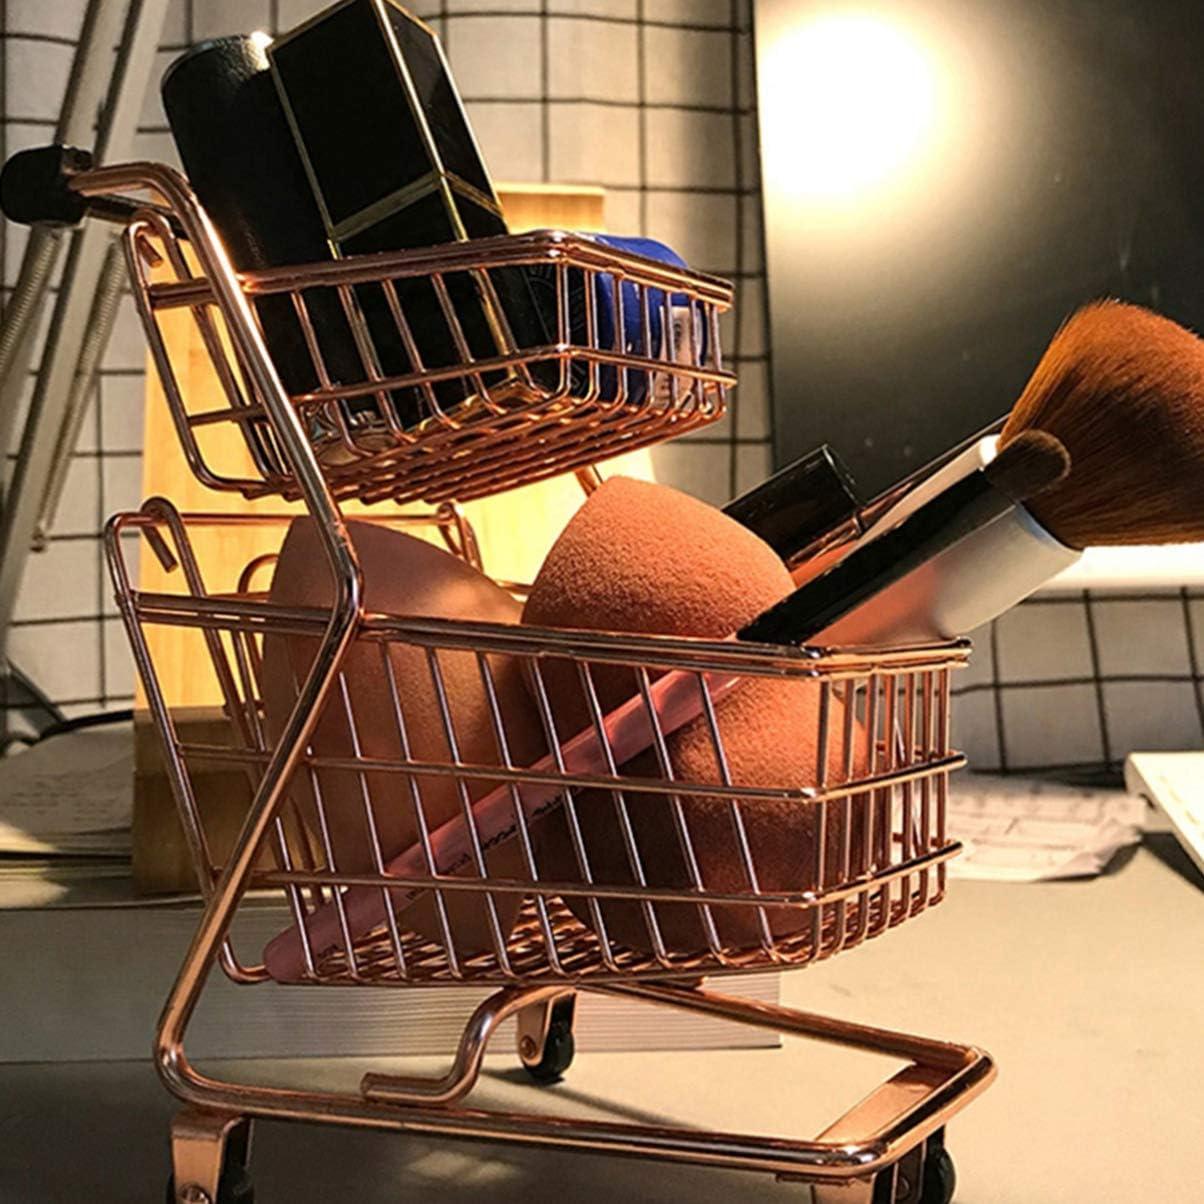 Cabilock Mini carrito de compras de 2 niveles simulador carrito de supermercado carrito de almacenamiento organizador de cesta para joyer/ía cosm/ética oro rosa